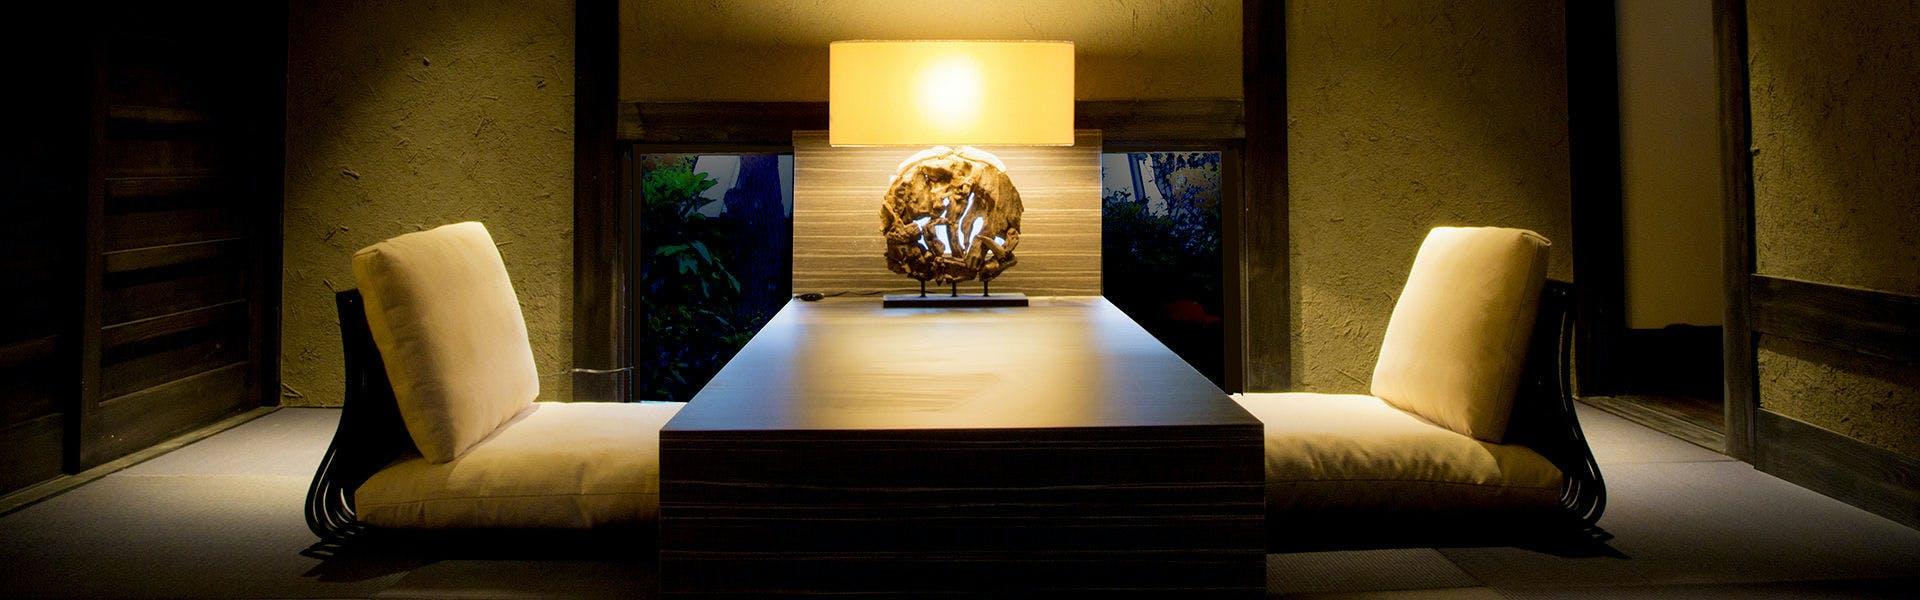 記念日におすすめのホテル・黒川温泉御処 月洸樹の写真2